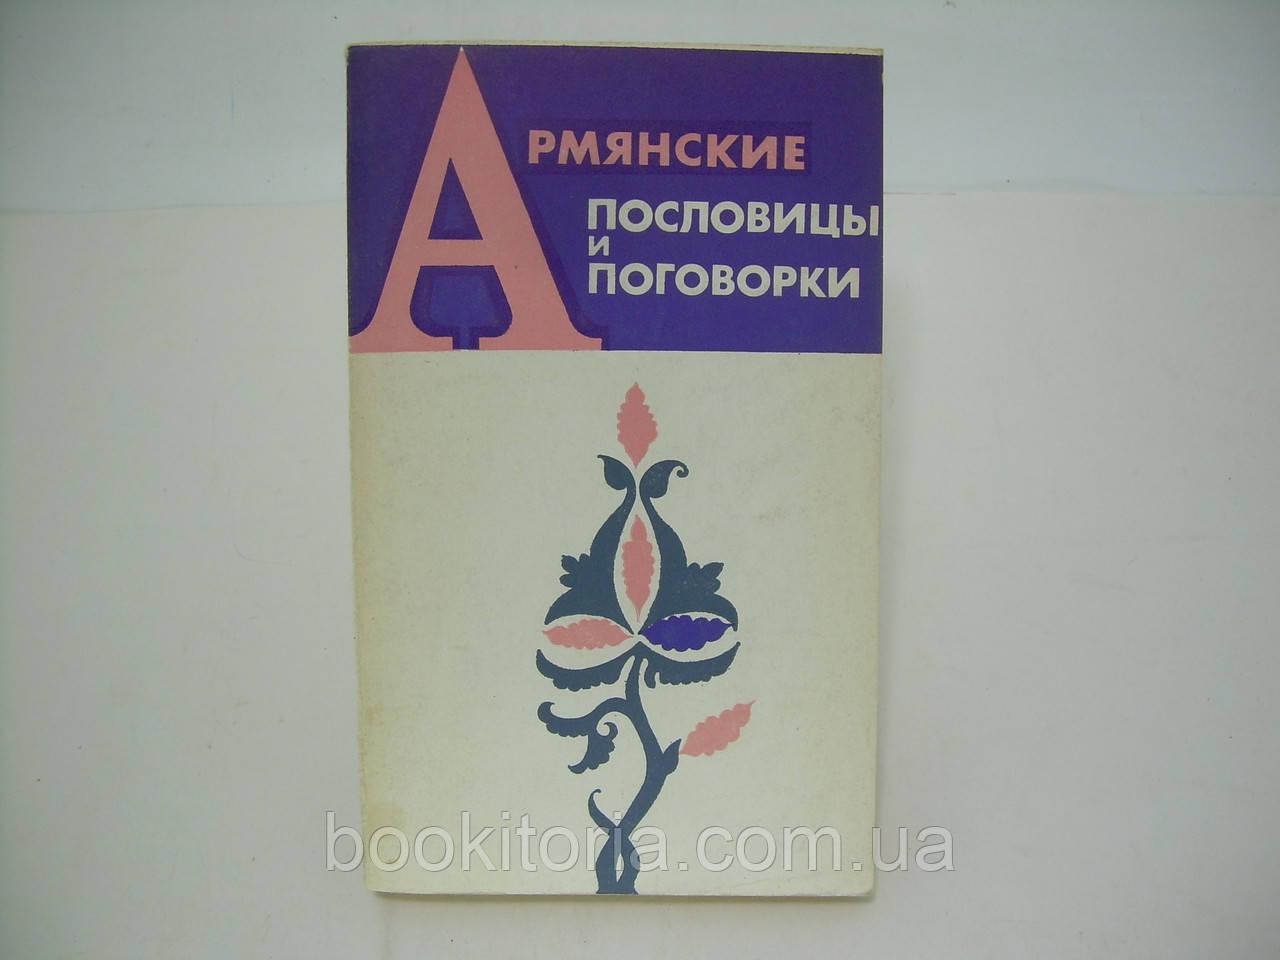 Армянские пословицы и поговорки (б/у).